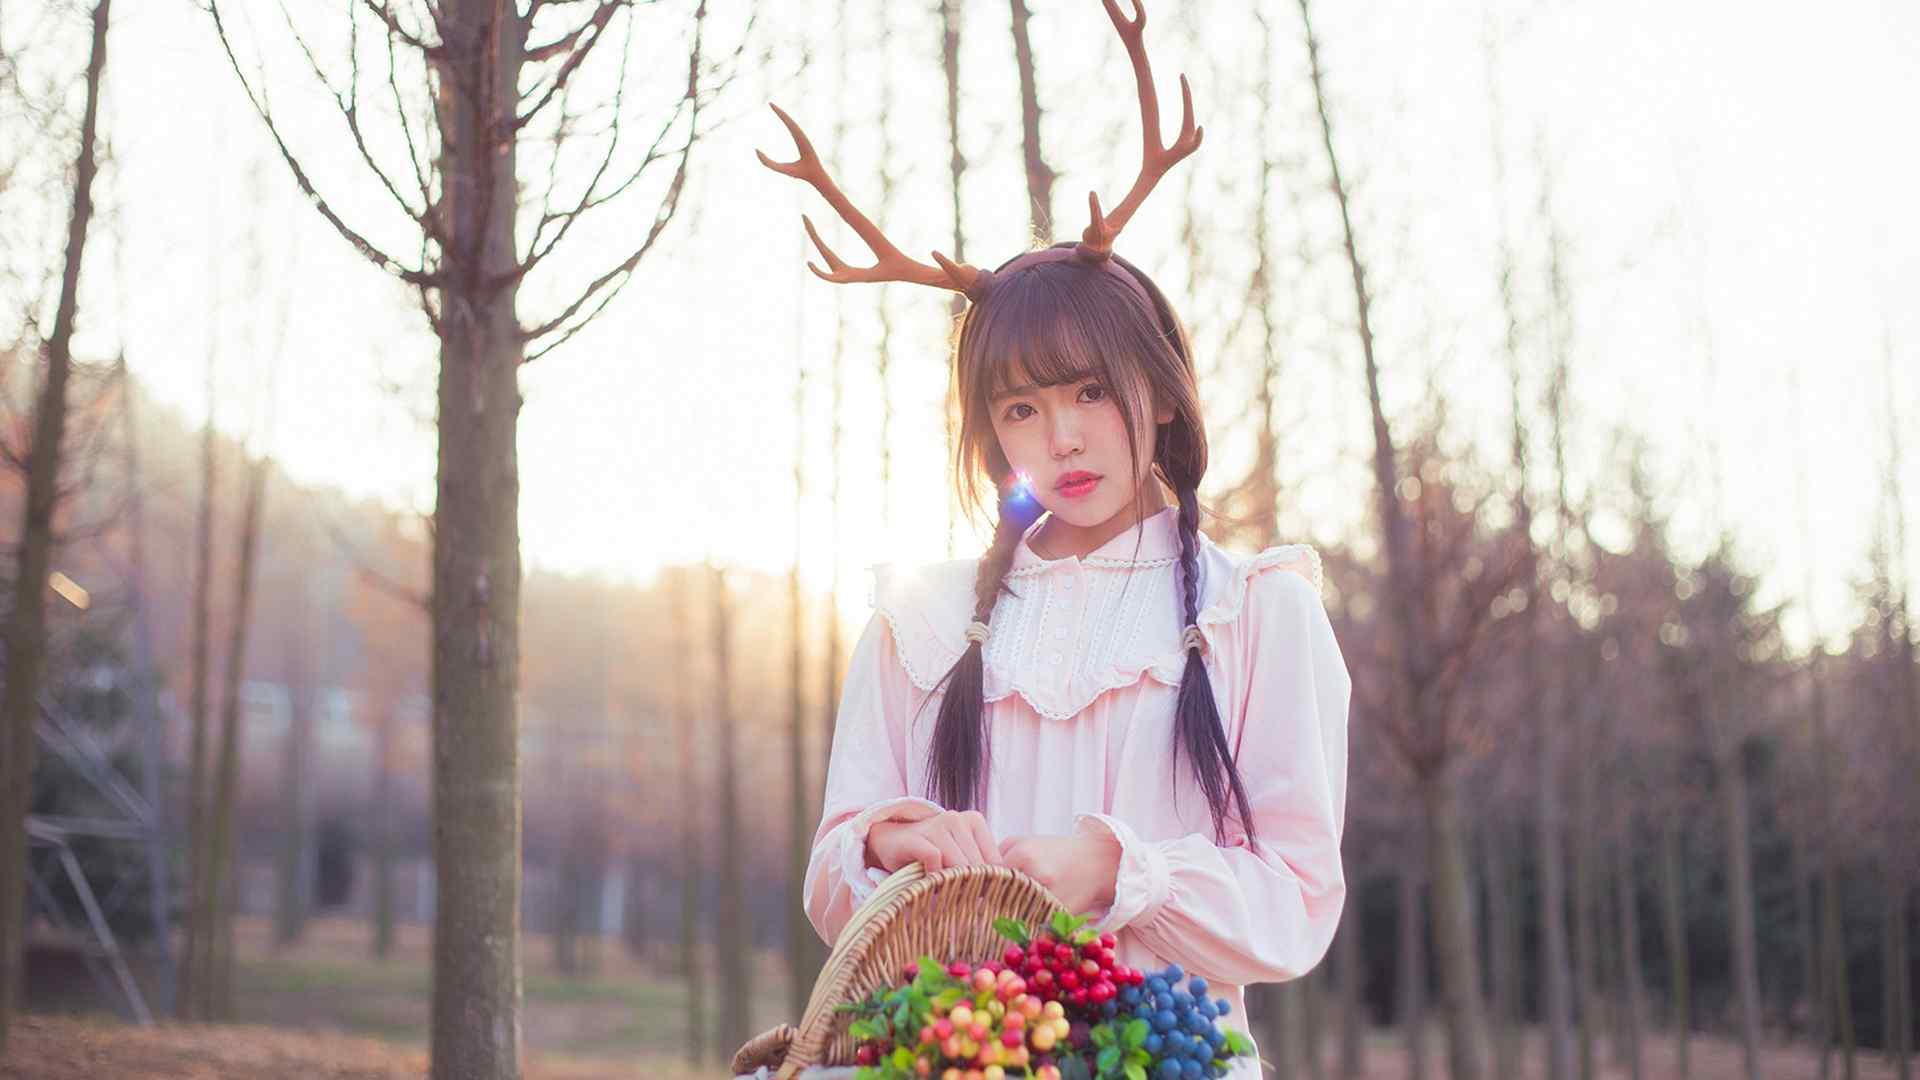 可爱美女cosplay小麋鹿桌面壁纸